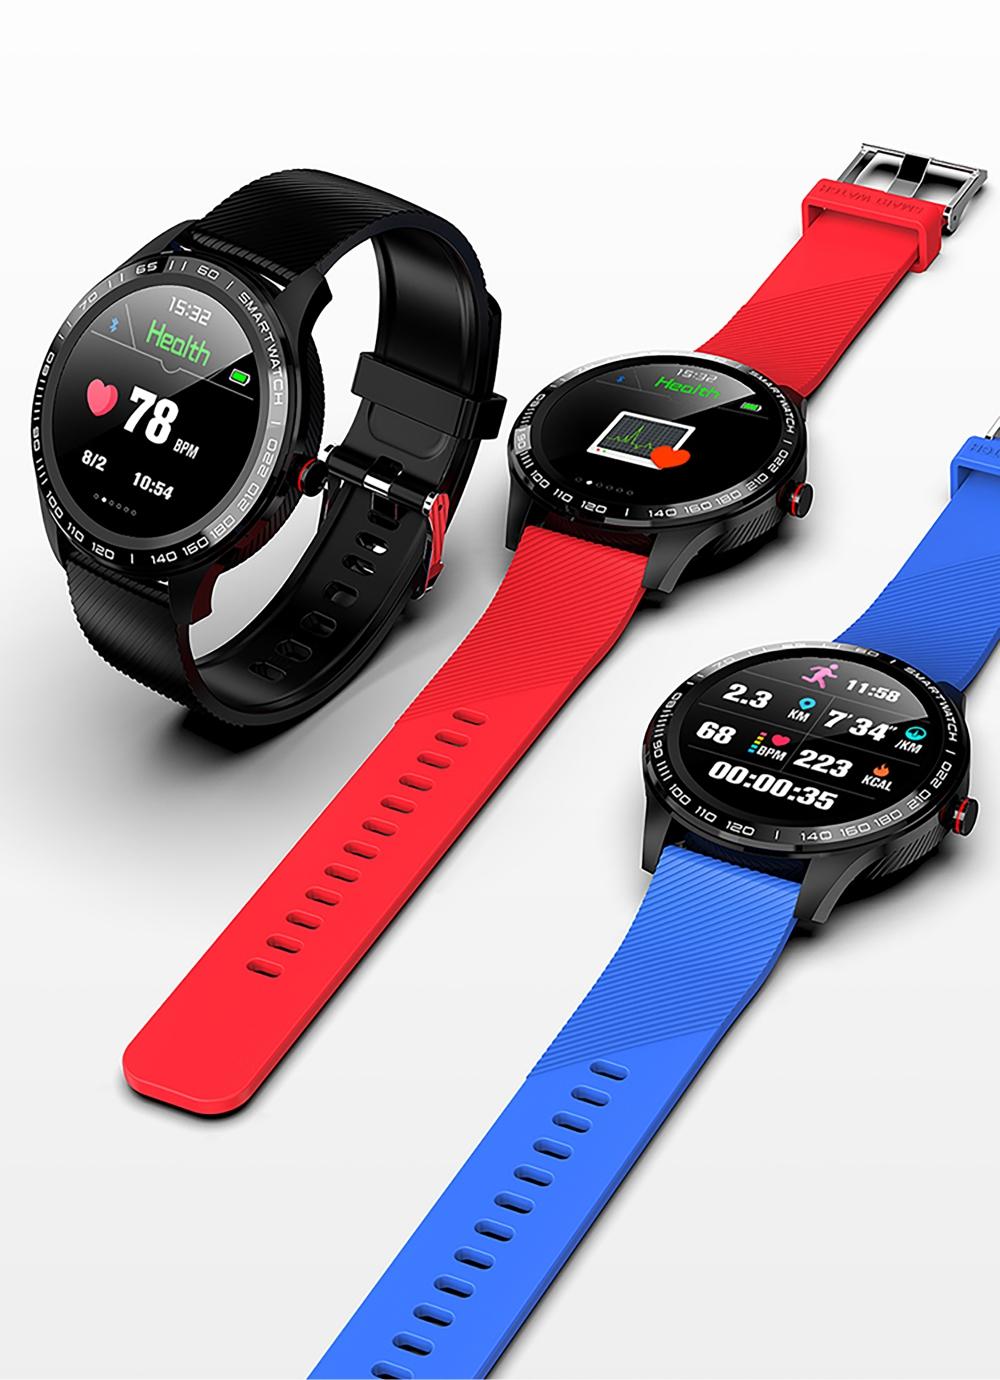 Ceas Smartwatch Twinkler TKY-M9 (L9) cu functie de monitorizare ritm cardiac, Tensiune arteriala, EKG, Nivel oxigen, Notificari Apel/ SMS, Incarcare magnetica, Negru